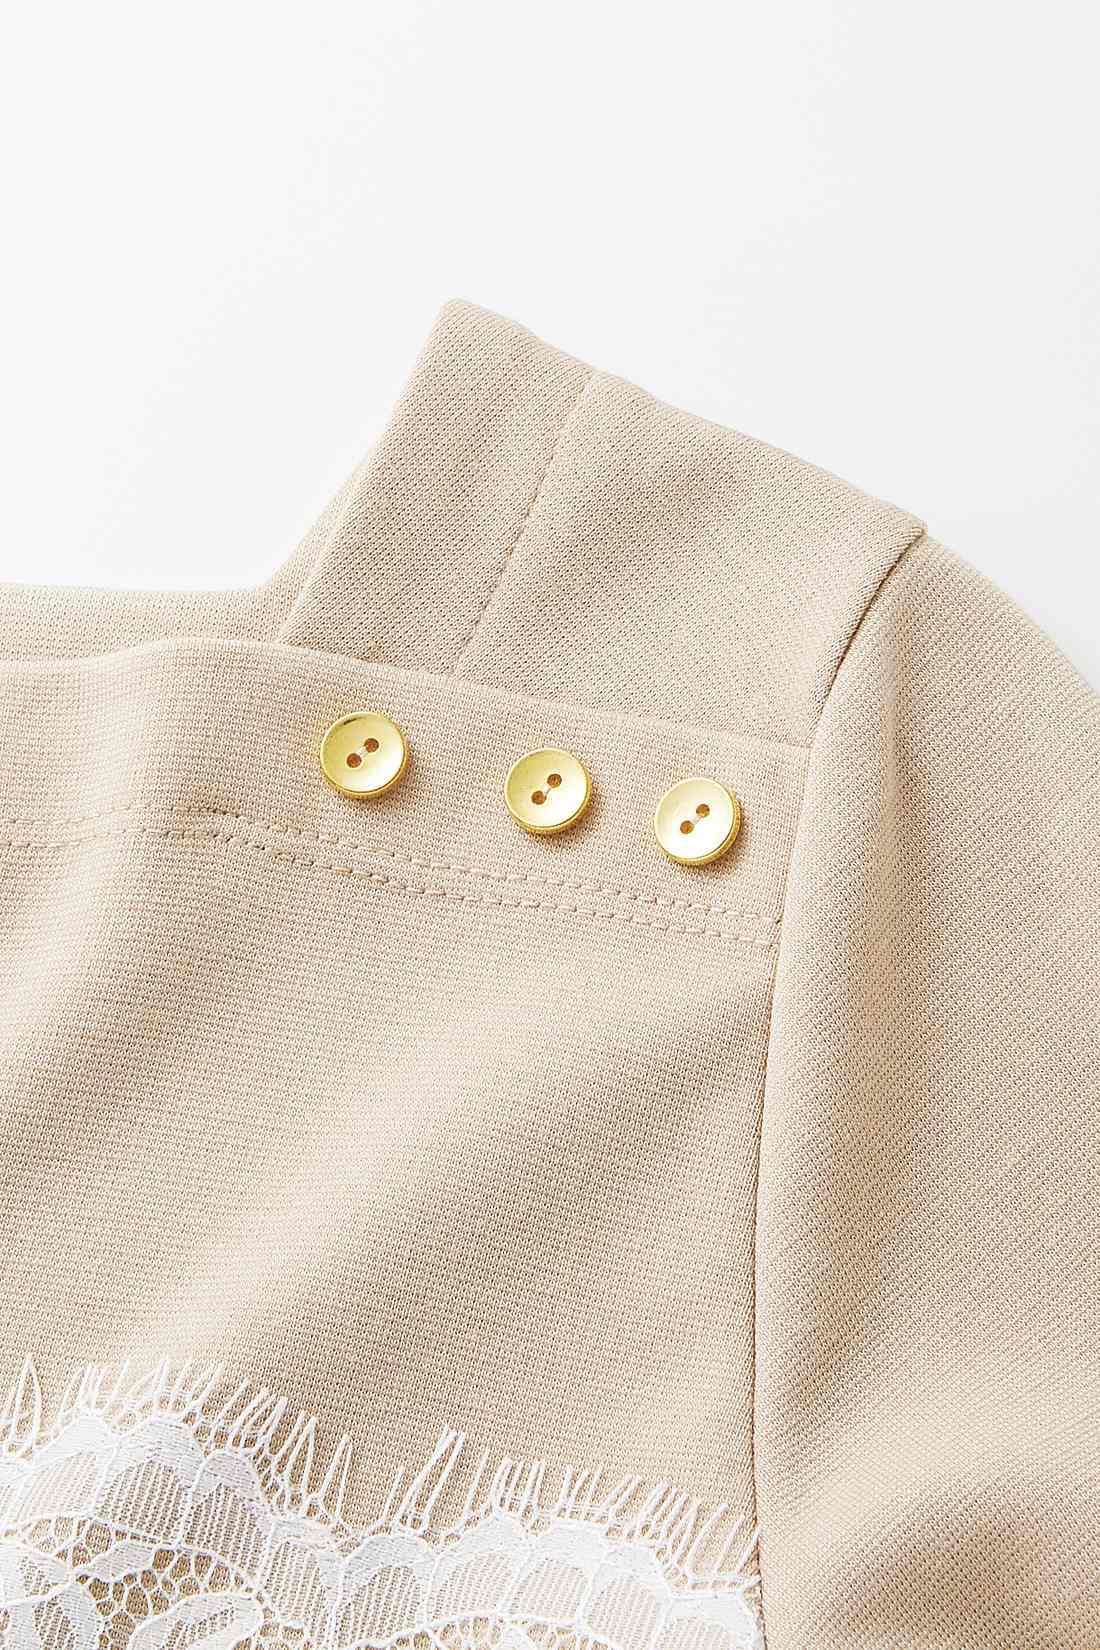 首もとにあしらった金ボタンがポイント。アクセサリーなしでも華やぎます。